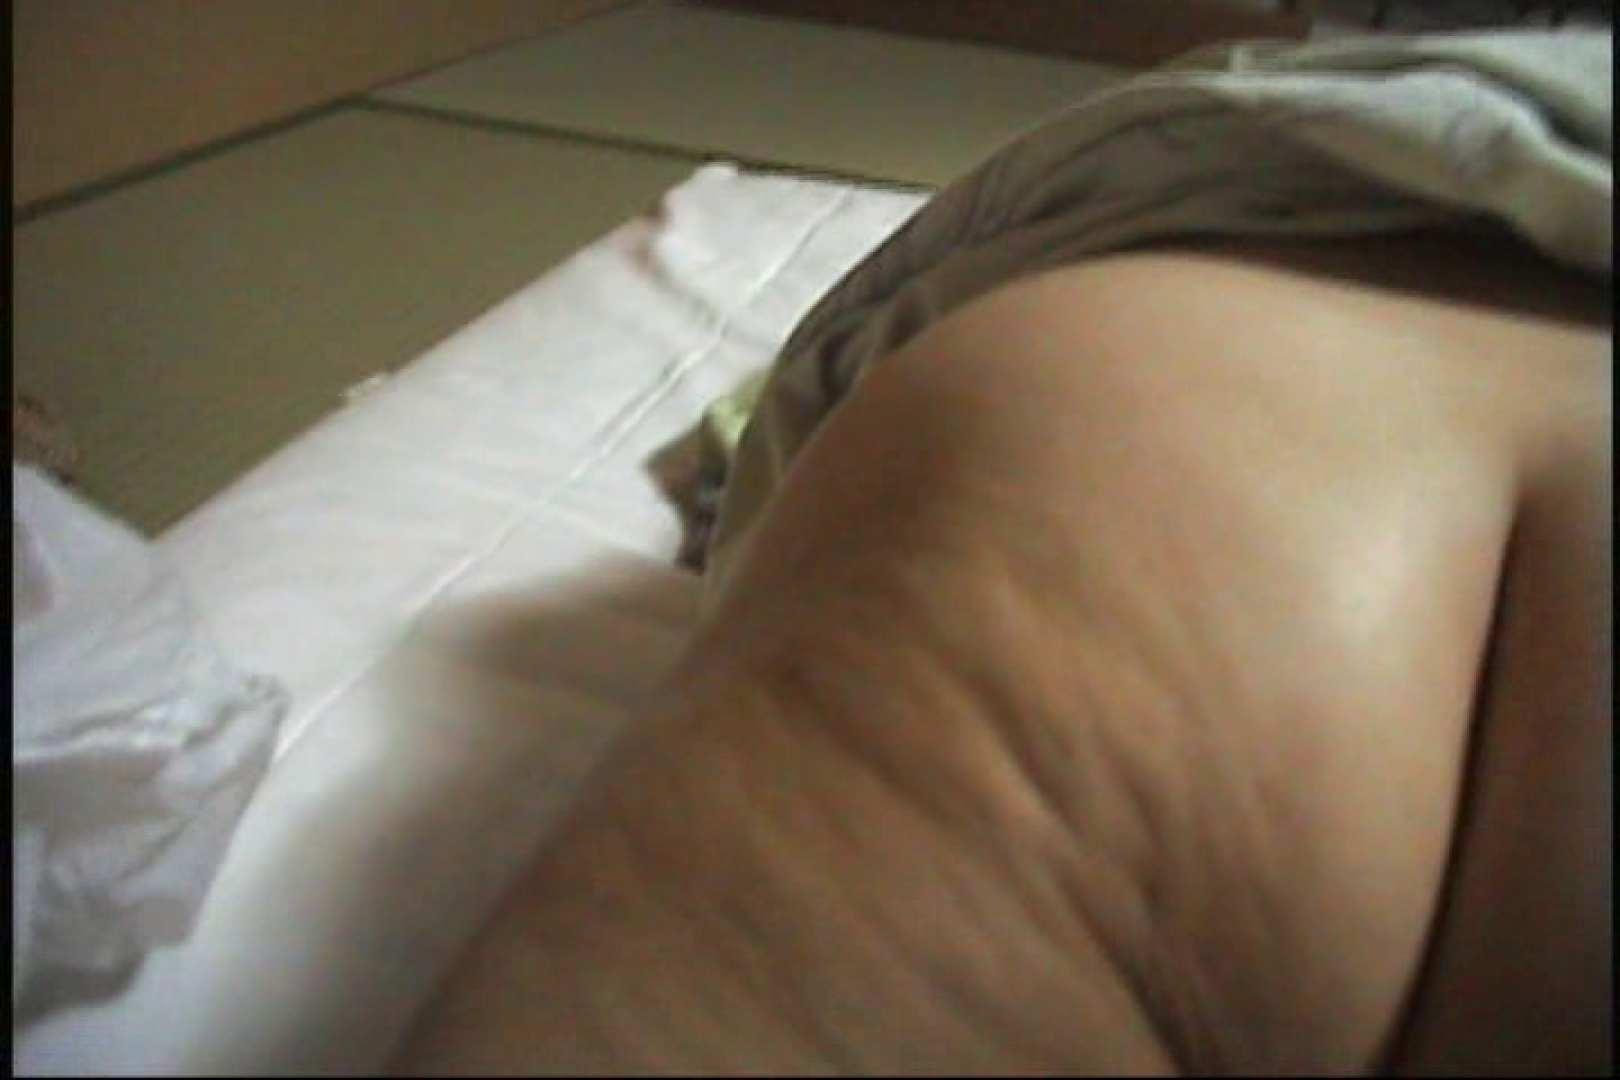 いっくんの調教シリーズ「未亡人みずほ27歳市役所職員」Vol.7 OLセックス 盗み撮りオマンコ動画キャプチャ 67画像 50